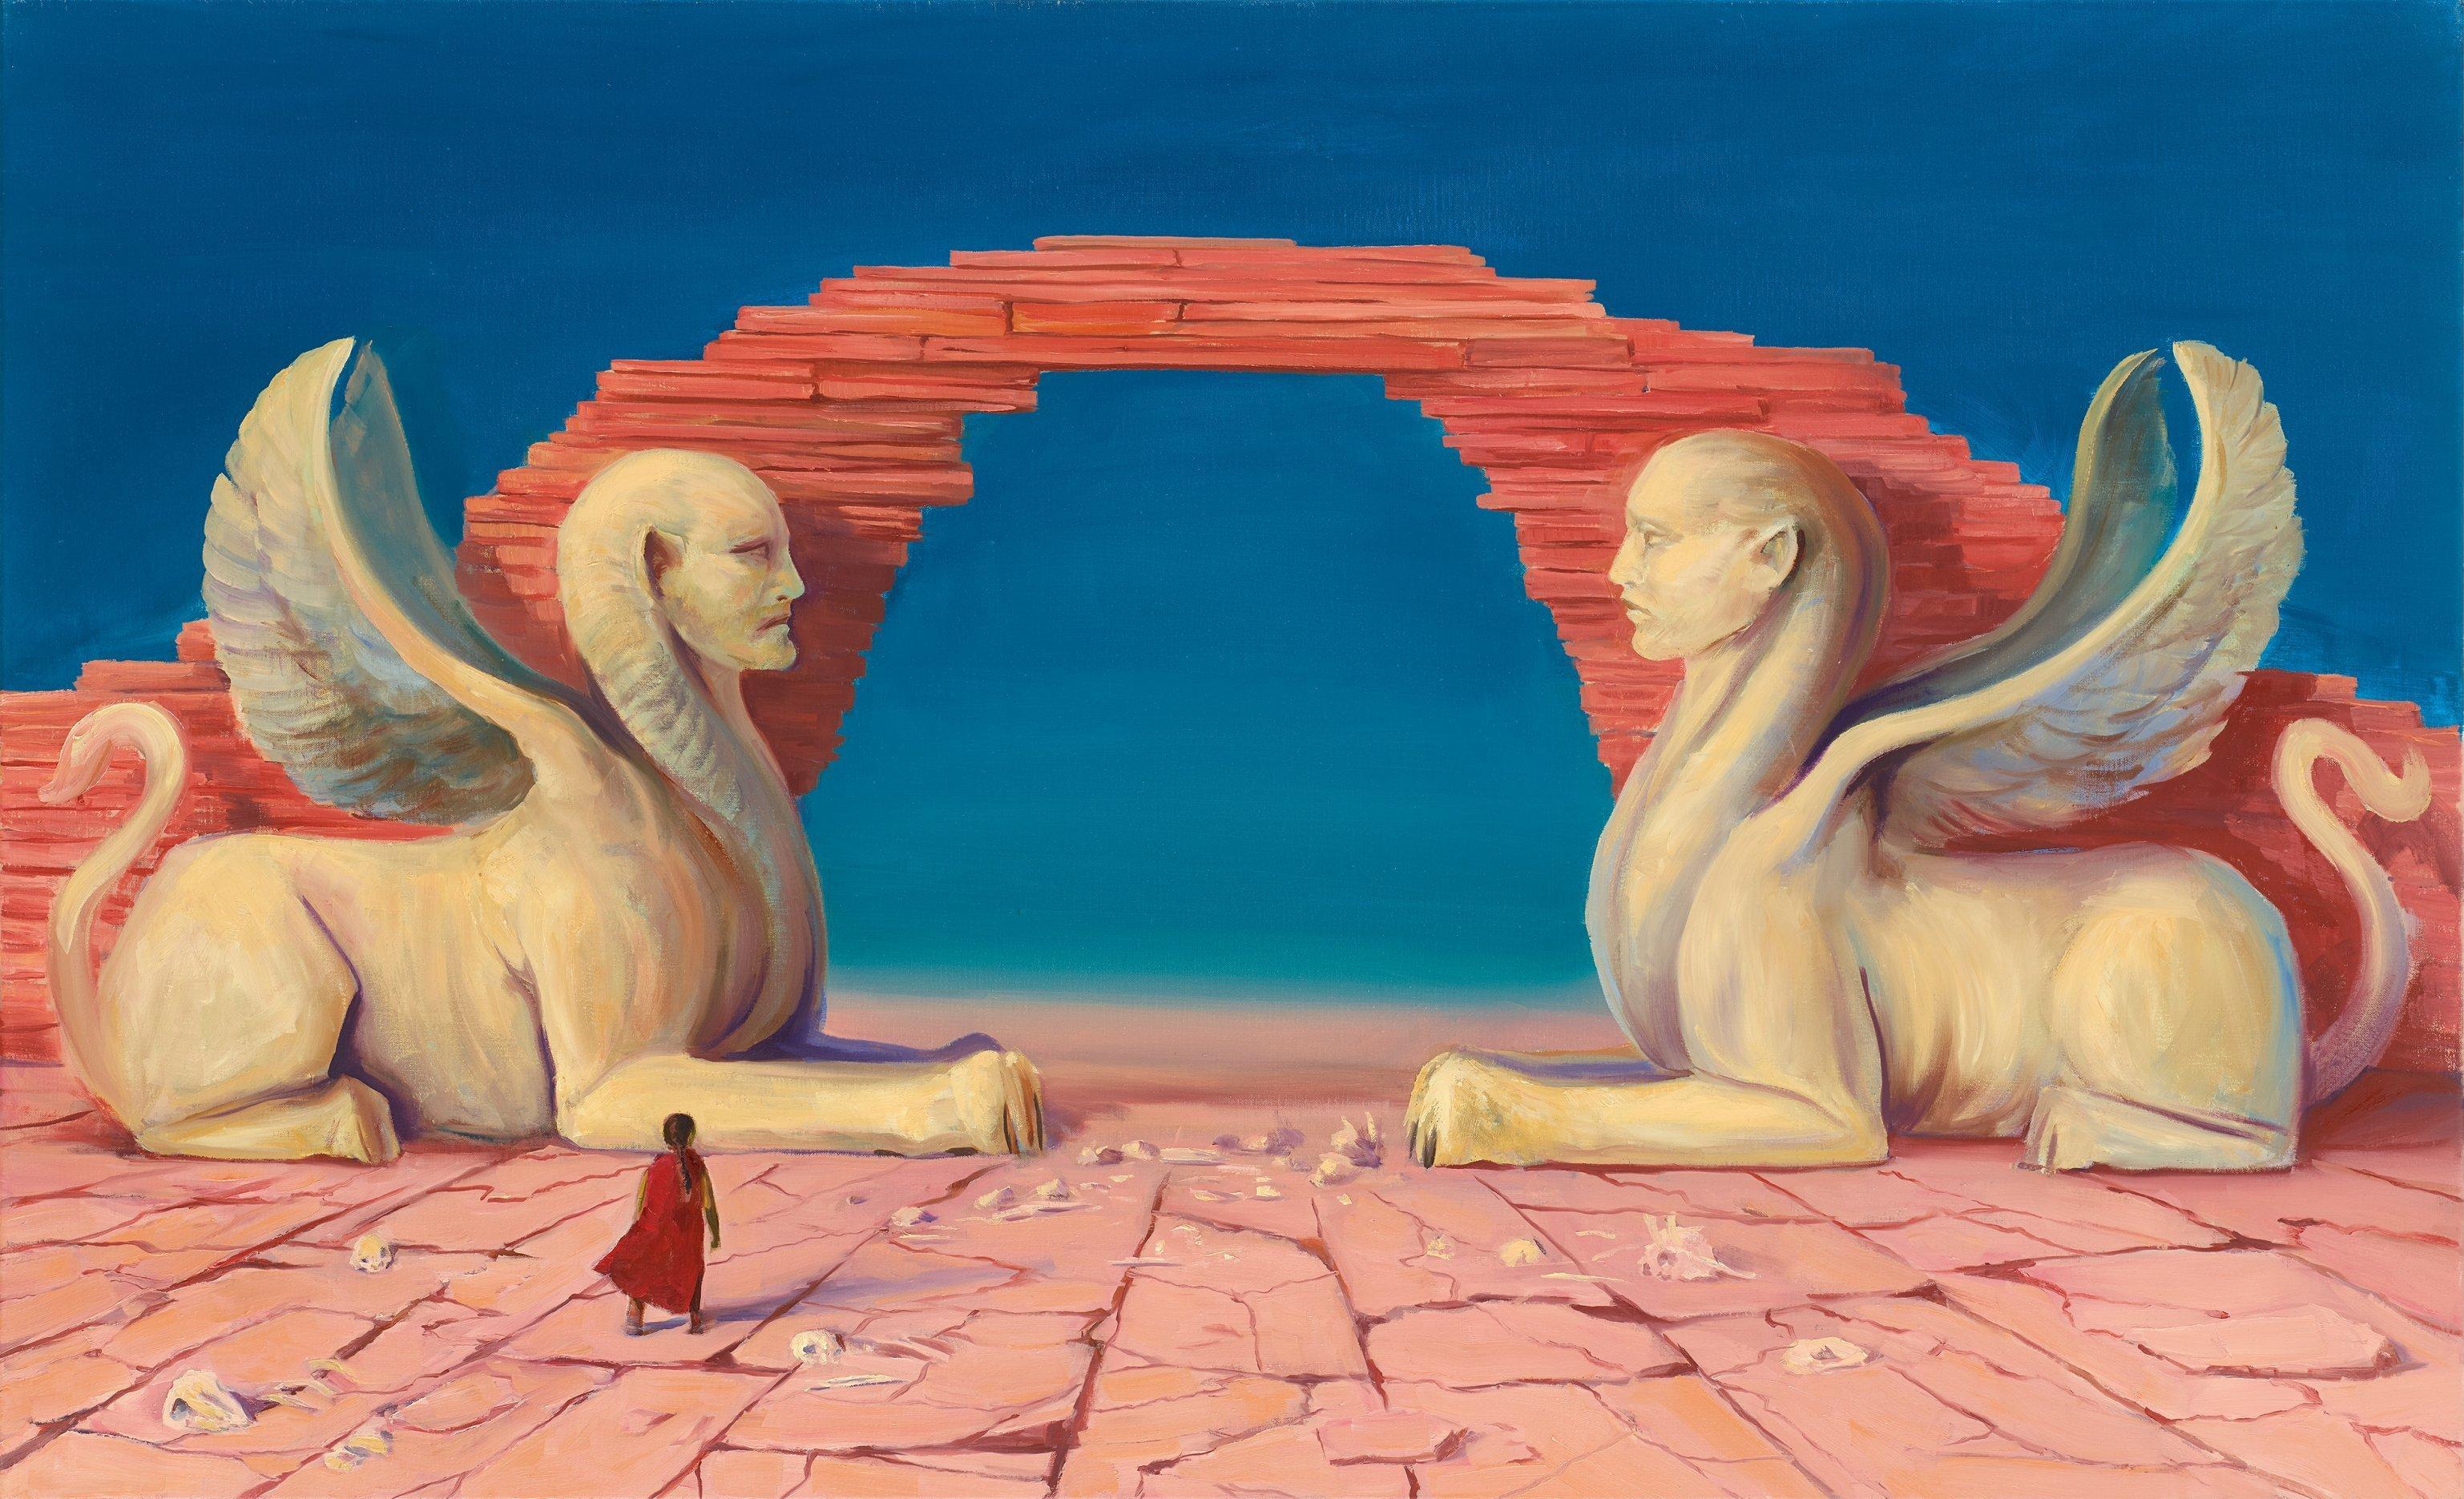 Zwei weiße Sphinxen (geflügelte Löwinnen mit Menschengesichtern) bewachen ein Tor aus übereinander liegenden Felsen. Sie sitzen sich gegenüber. Der Held Atreju muss zwischen ihnen durchgehen. Der Boden um ihn herum ist übersät mit Knochen.